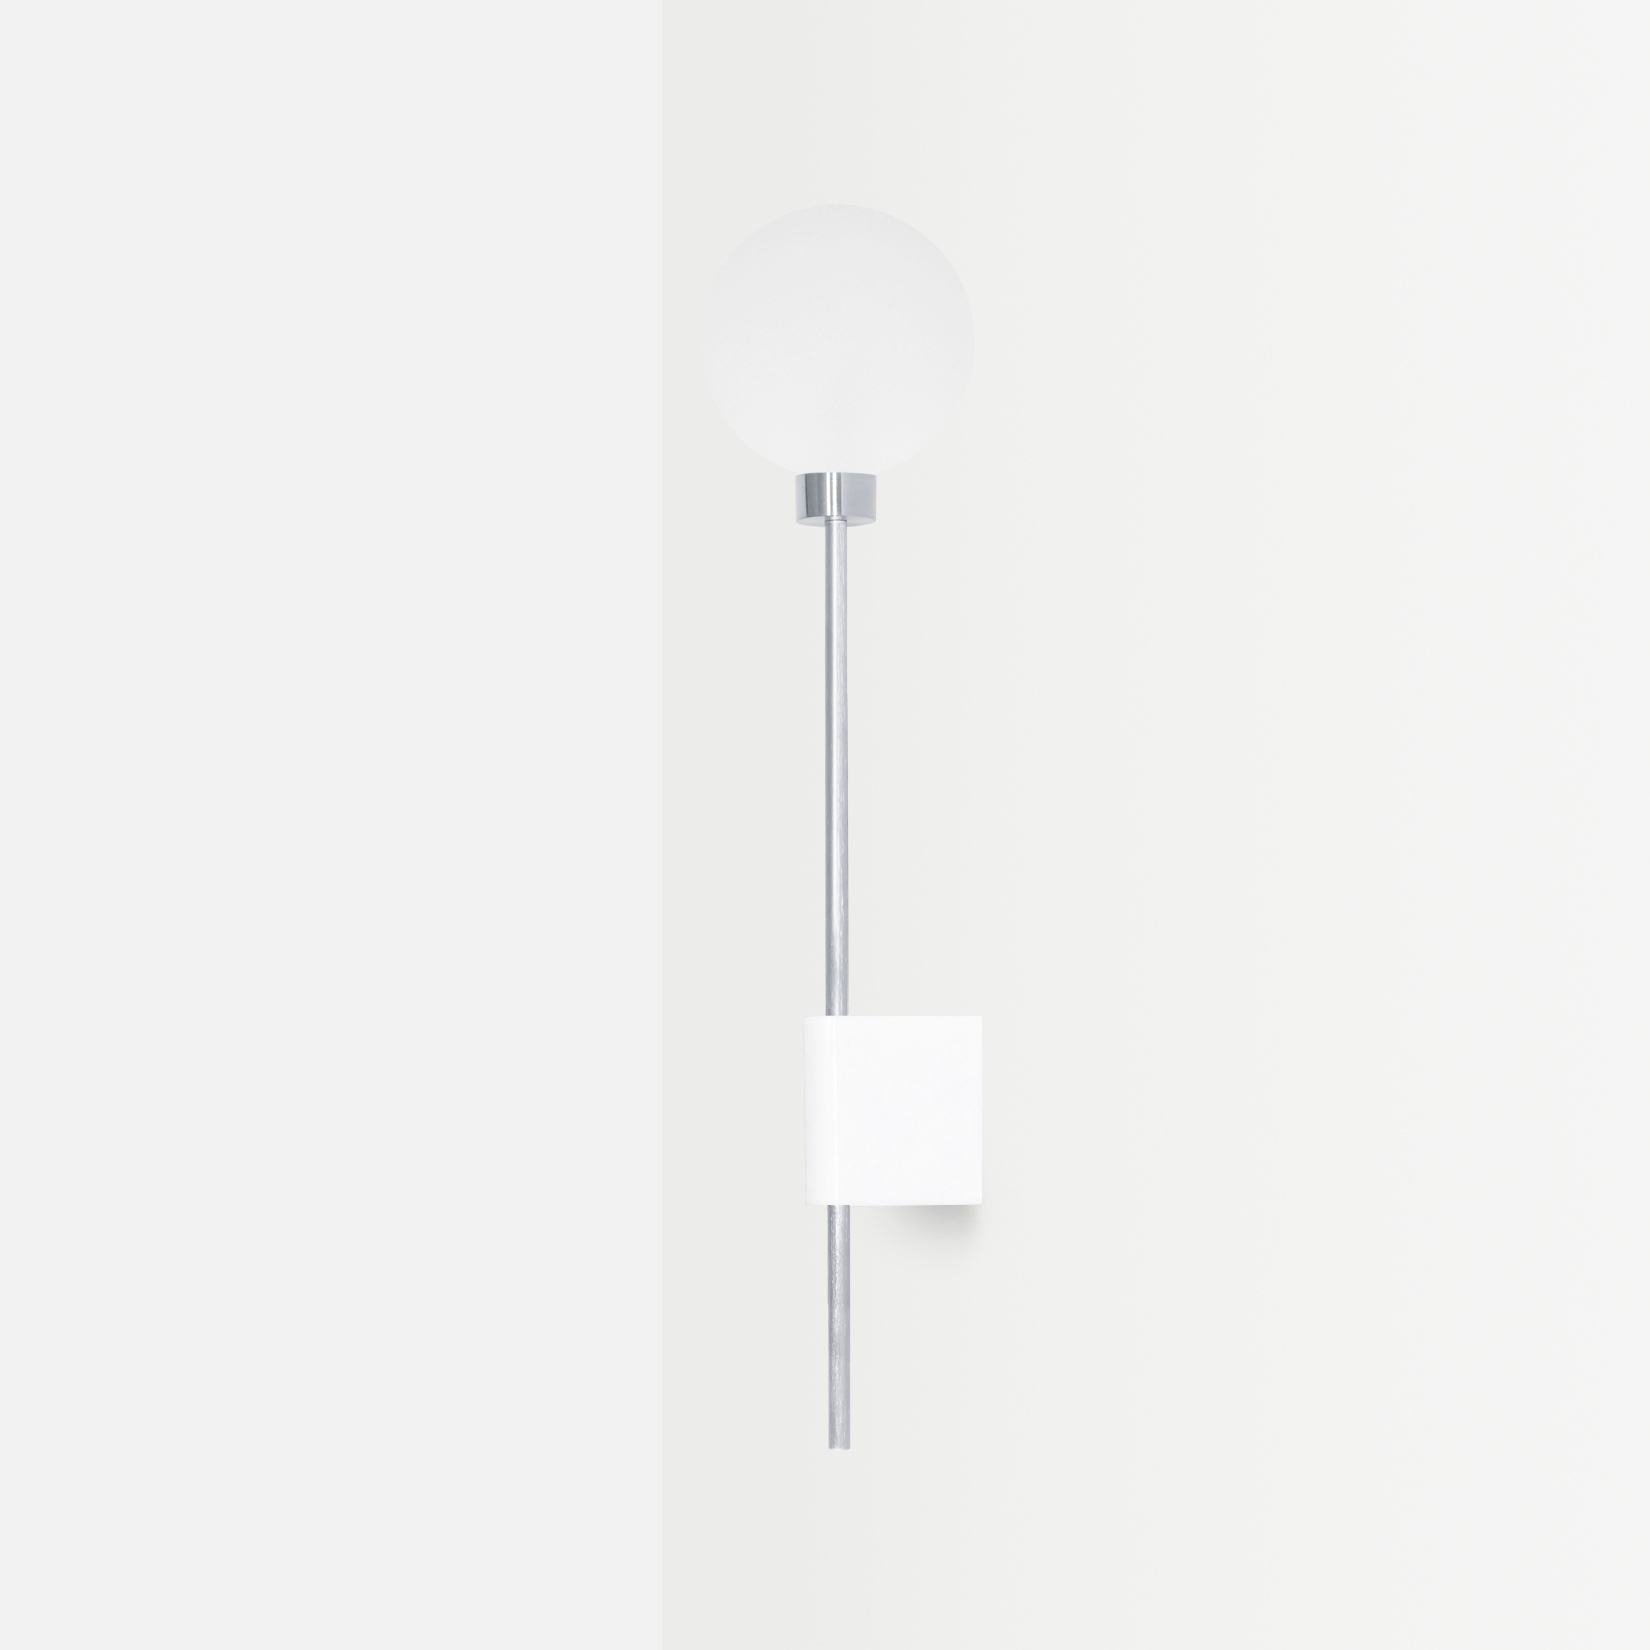 Настенный светильник Lanta белый мрамор - вид 3